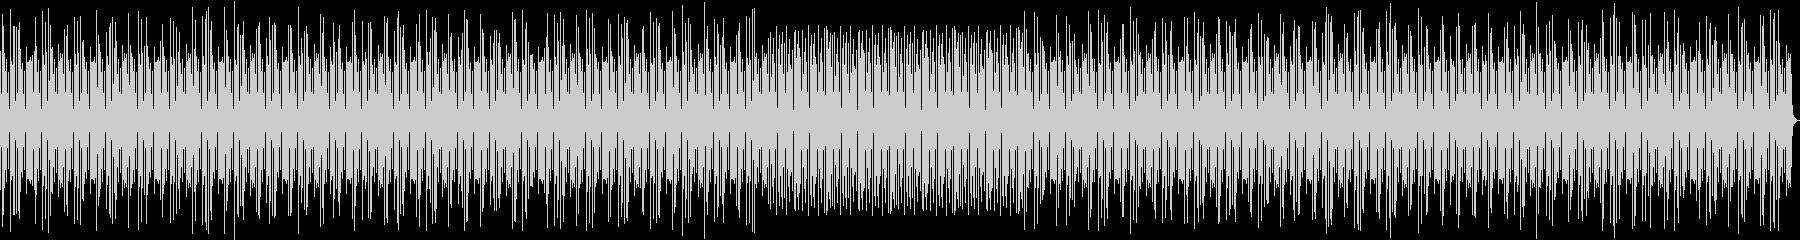 シンセベースとリズムボックスのテクノの未再生の波形